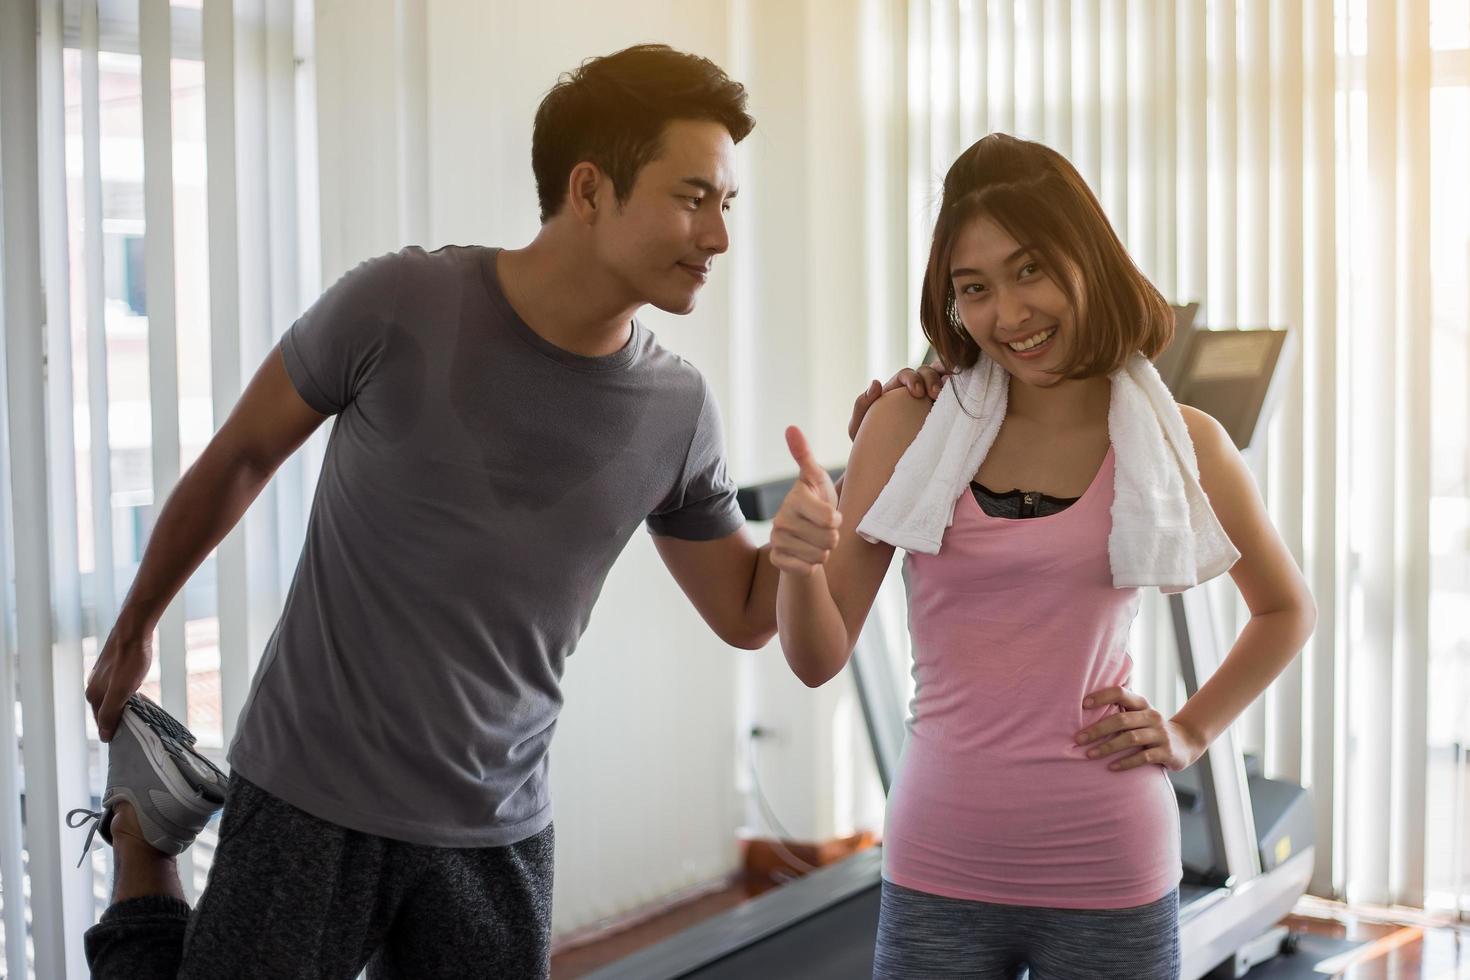 Zwei Erwachsene trainieren im Fitnessstudio foto